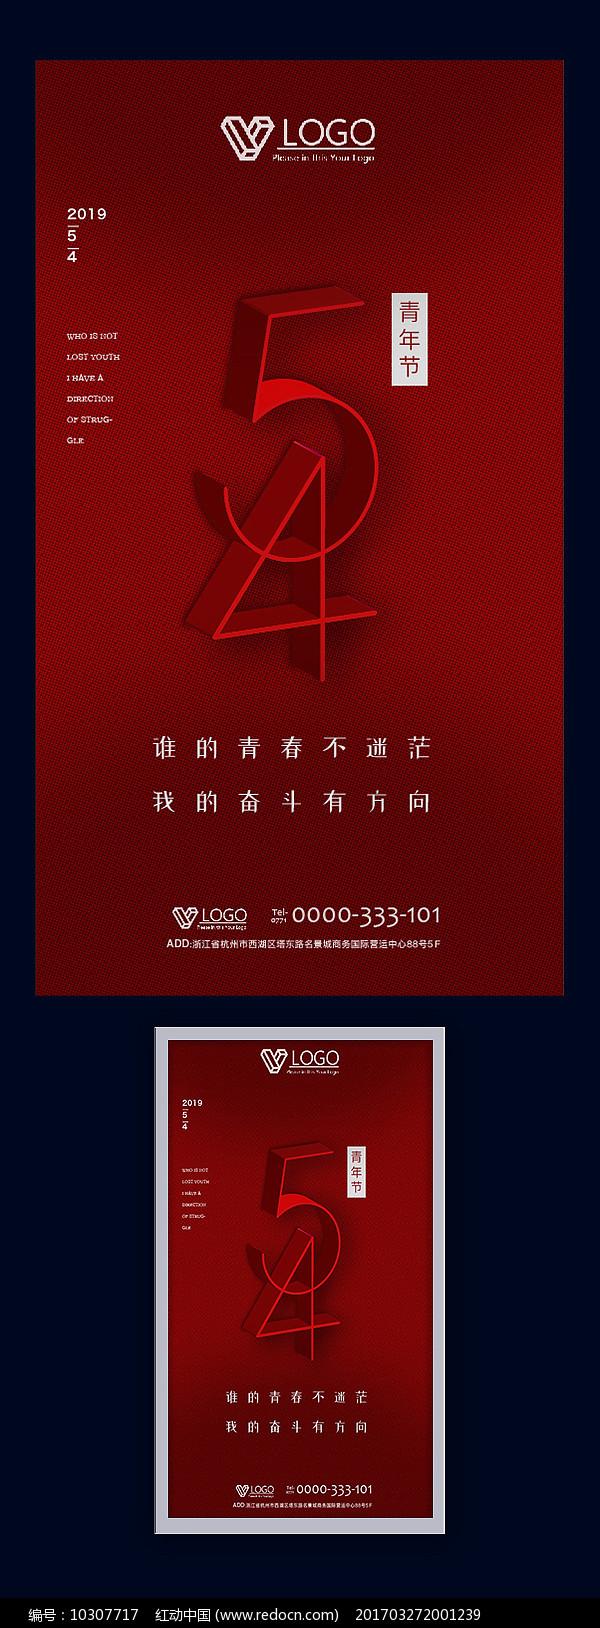 5.4青年节海报设计图片